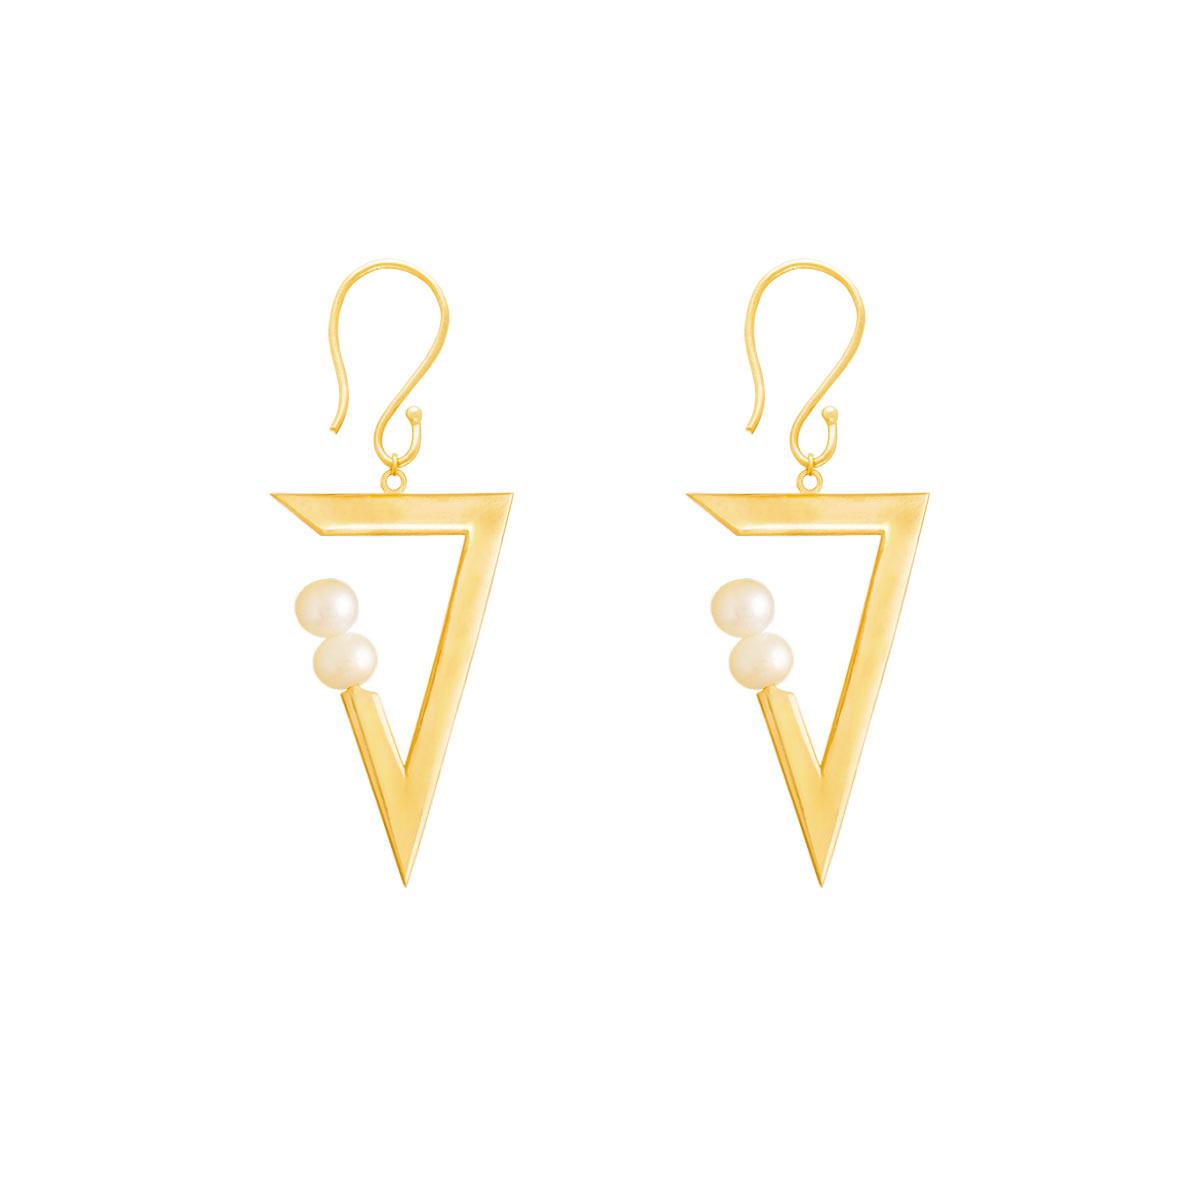 گوشواره طلا مثلث و مروارید